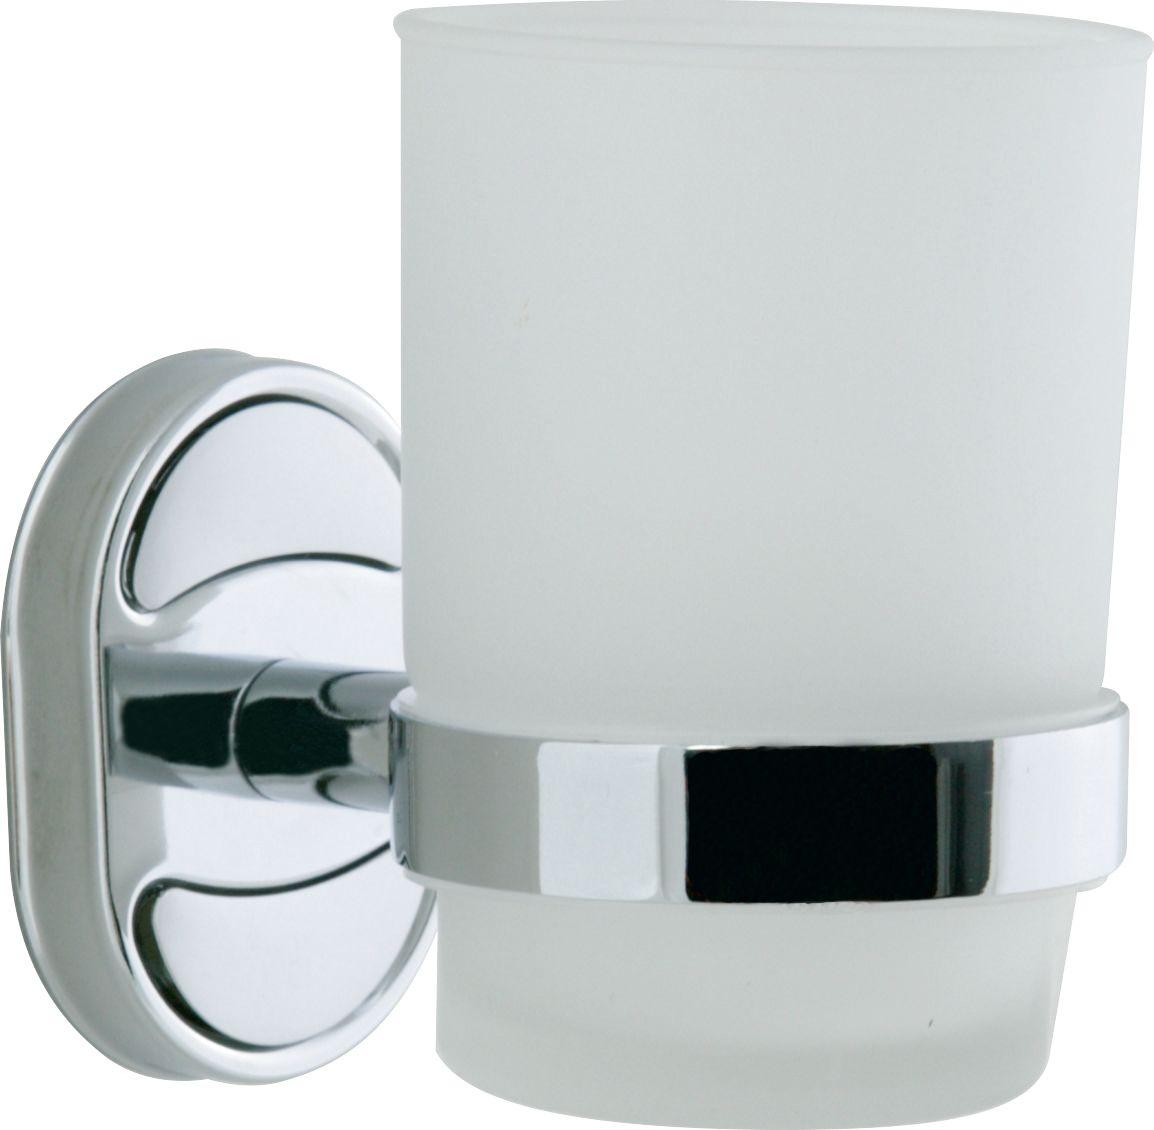 Стакан для ванной комнаты РМС, цвет: хром. А6020А6020Держатель для зубных щеток, крепление к стене, хромированный